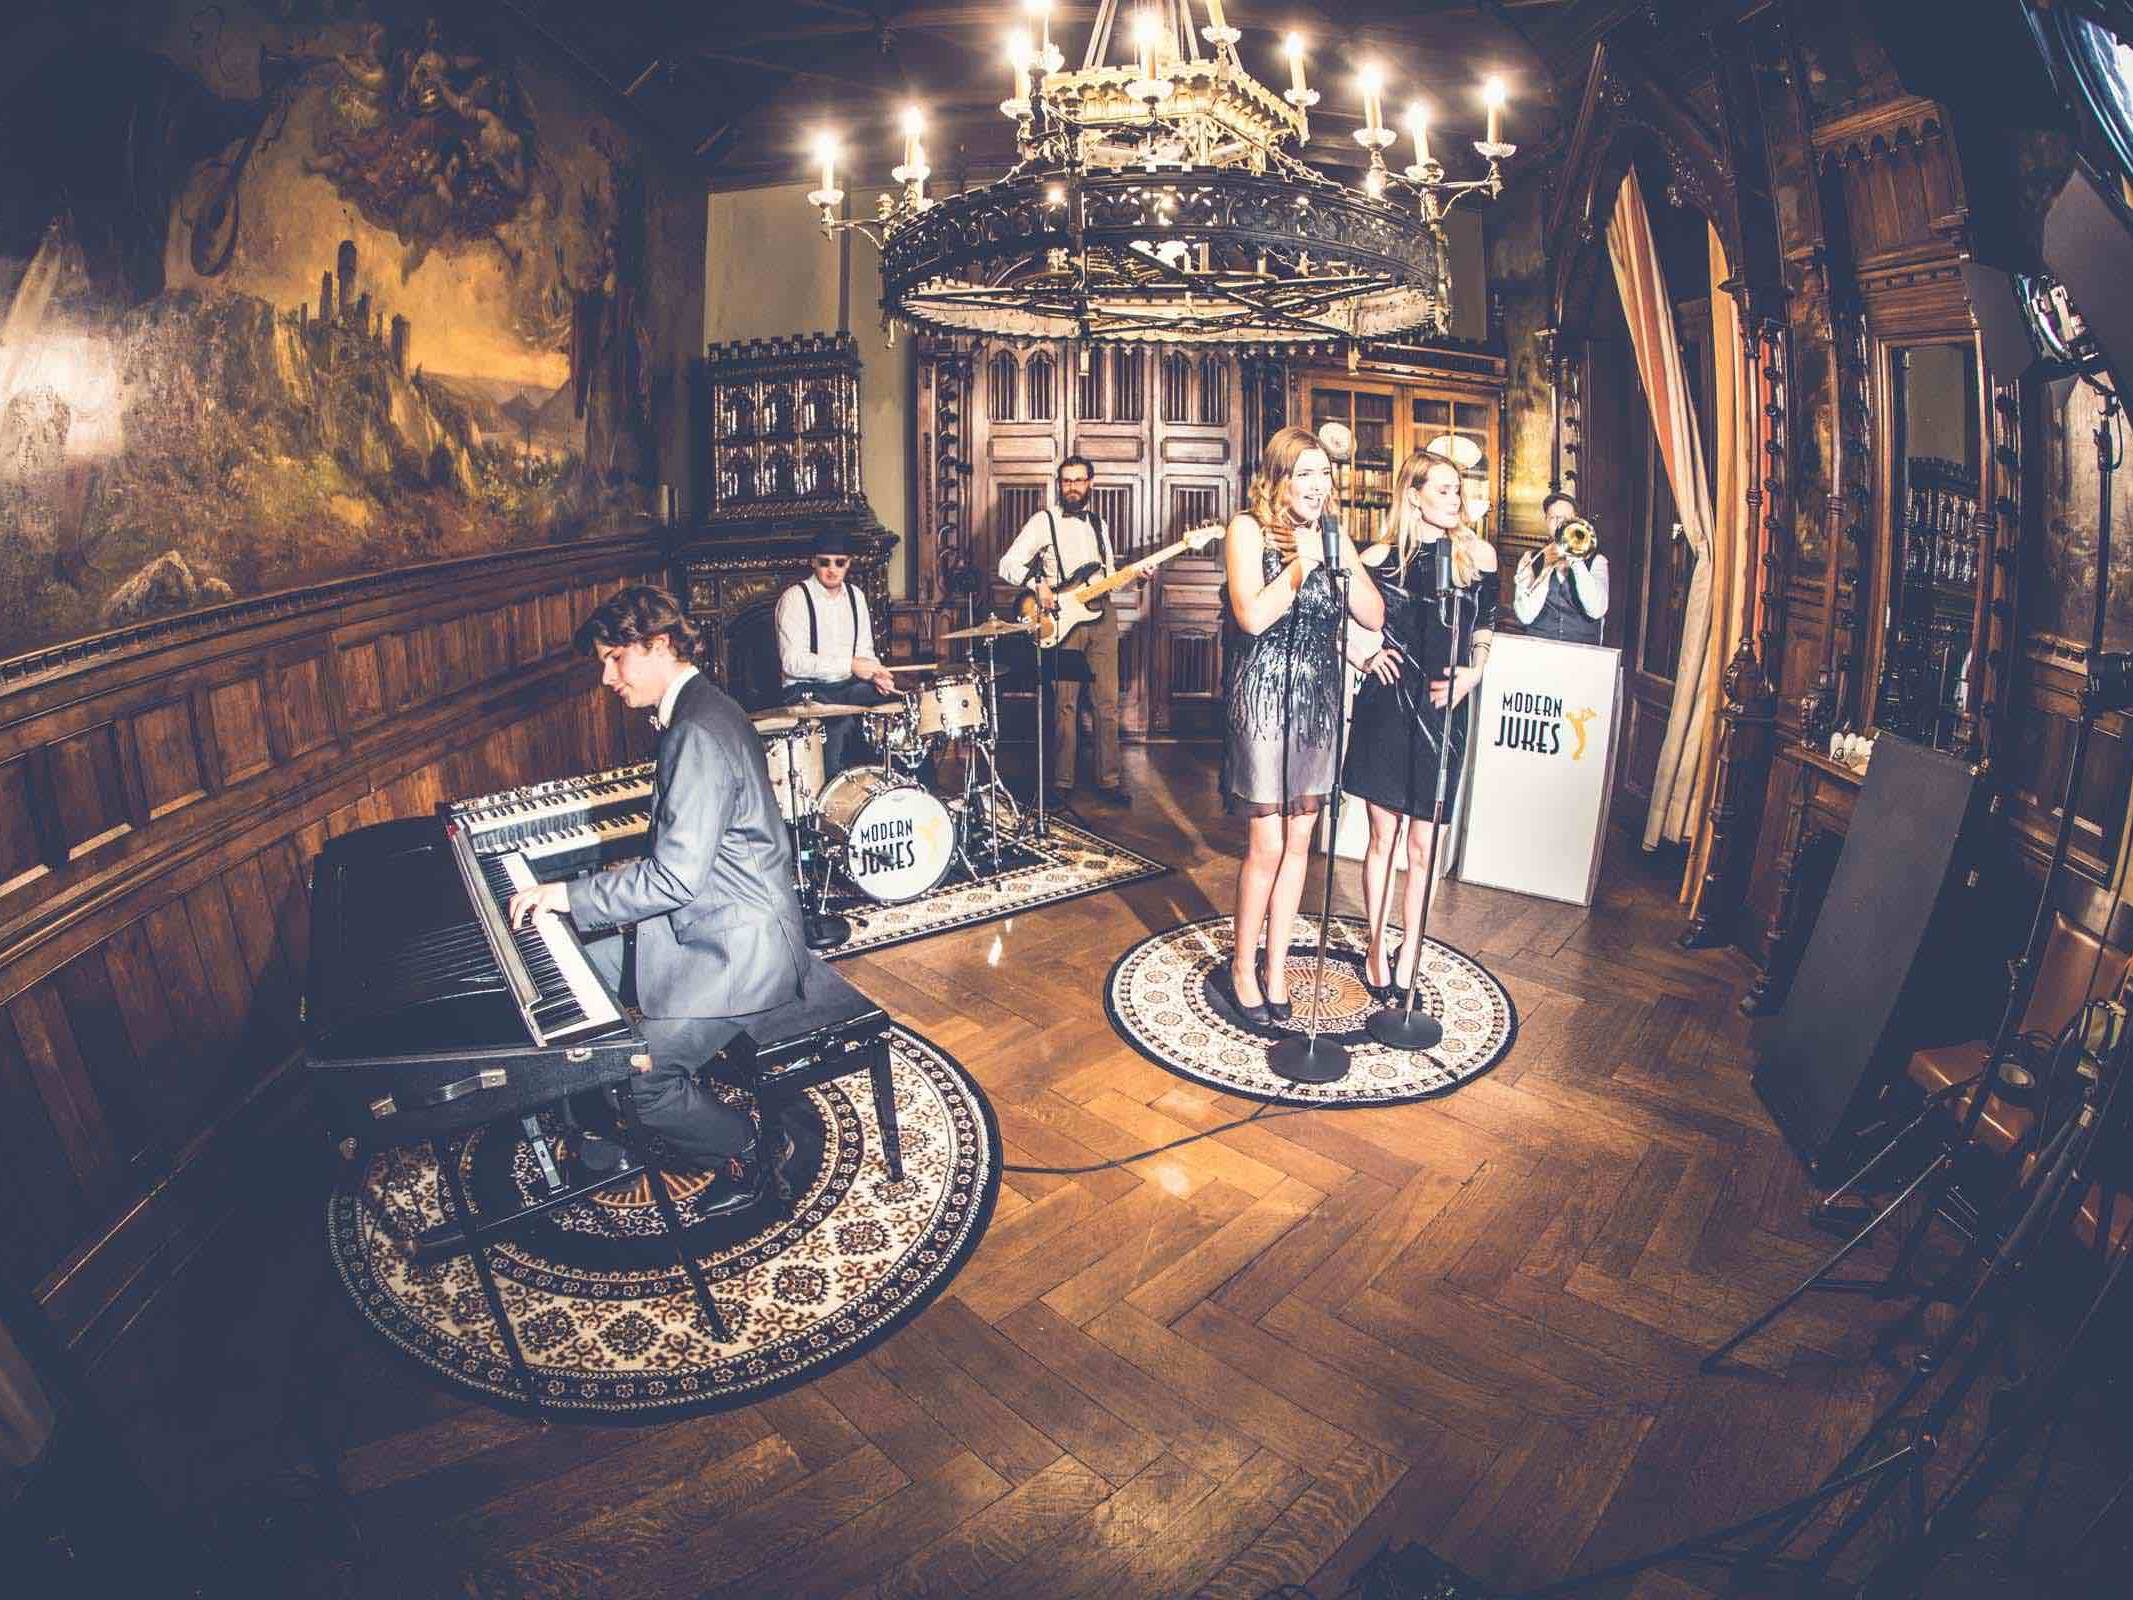 Band | Hamburg | Liveband | Partyband | Popband | Jazzband | Swingband | Messeparty | Lounge | Pop | Jazz | Sänger | Hochzeit | Messe | Firmenfeier | Charity | Gala | Buchen | Mieten | Anfragen | Modern | Jukes | Hamburgfeiert